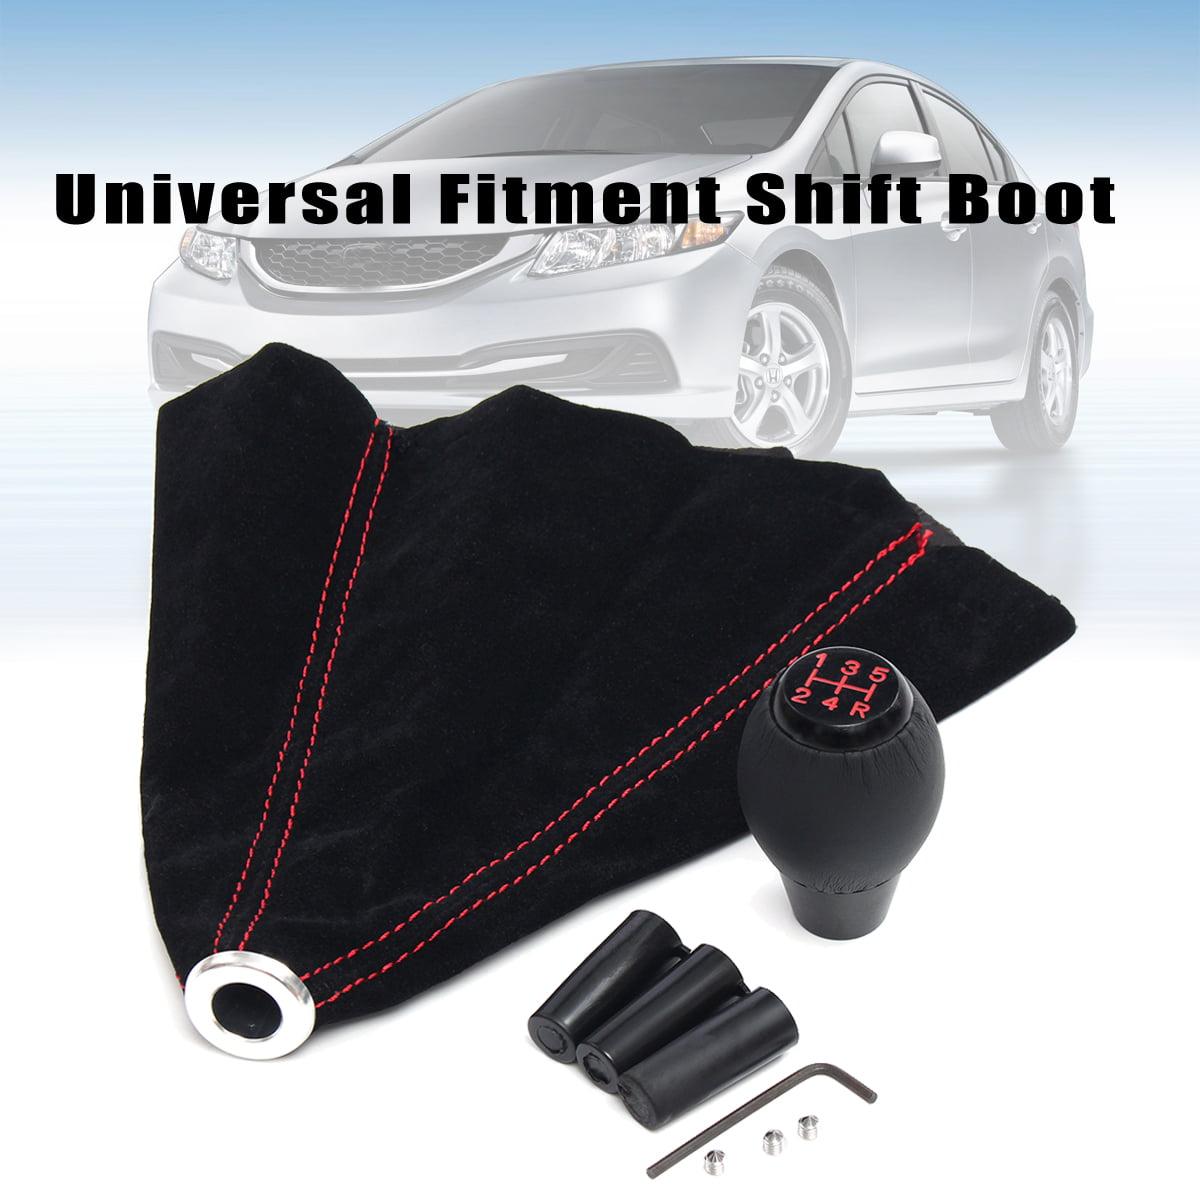 Black Gear Shifter Shift Knob Boot Universal Fitment For Honda Acura Crx Civic Si Models Walmart Com Walmart Com